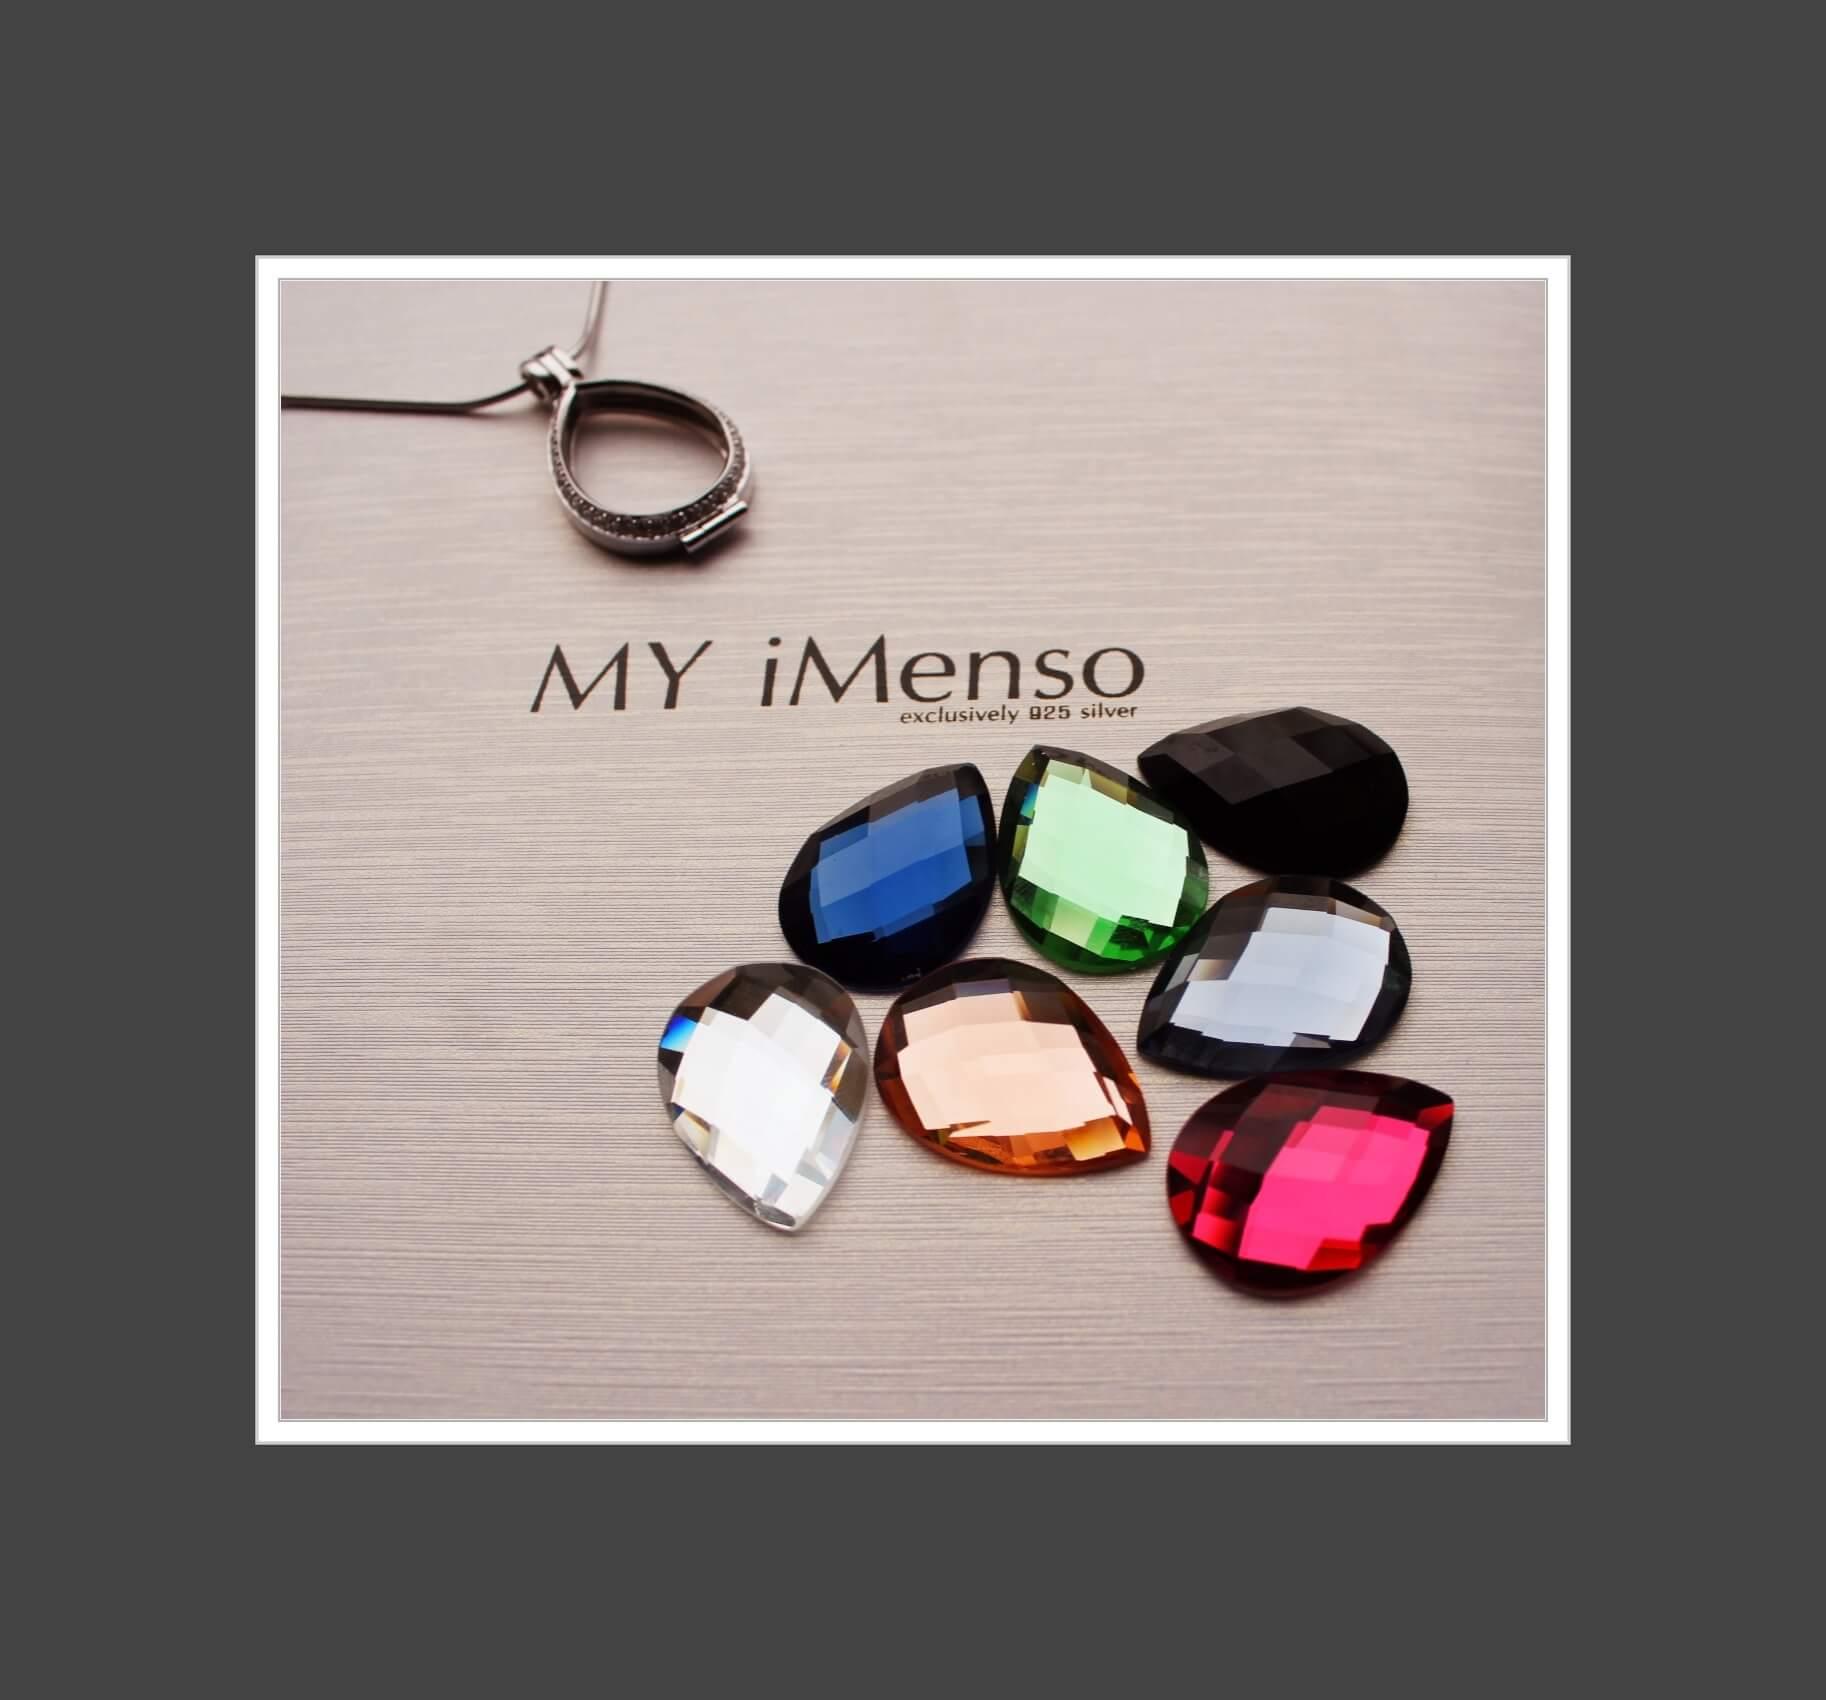 My iMenso